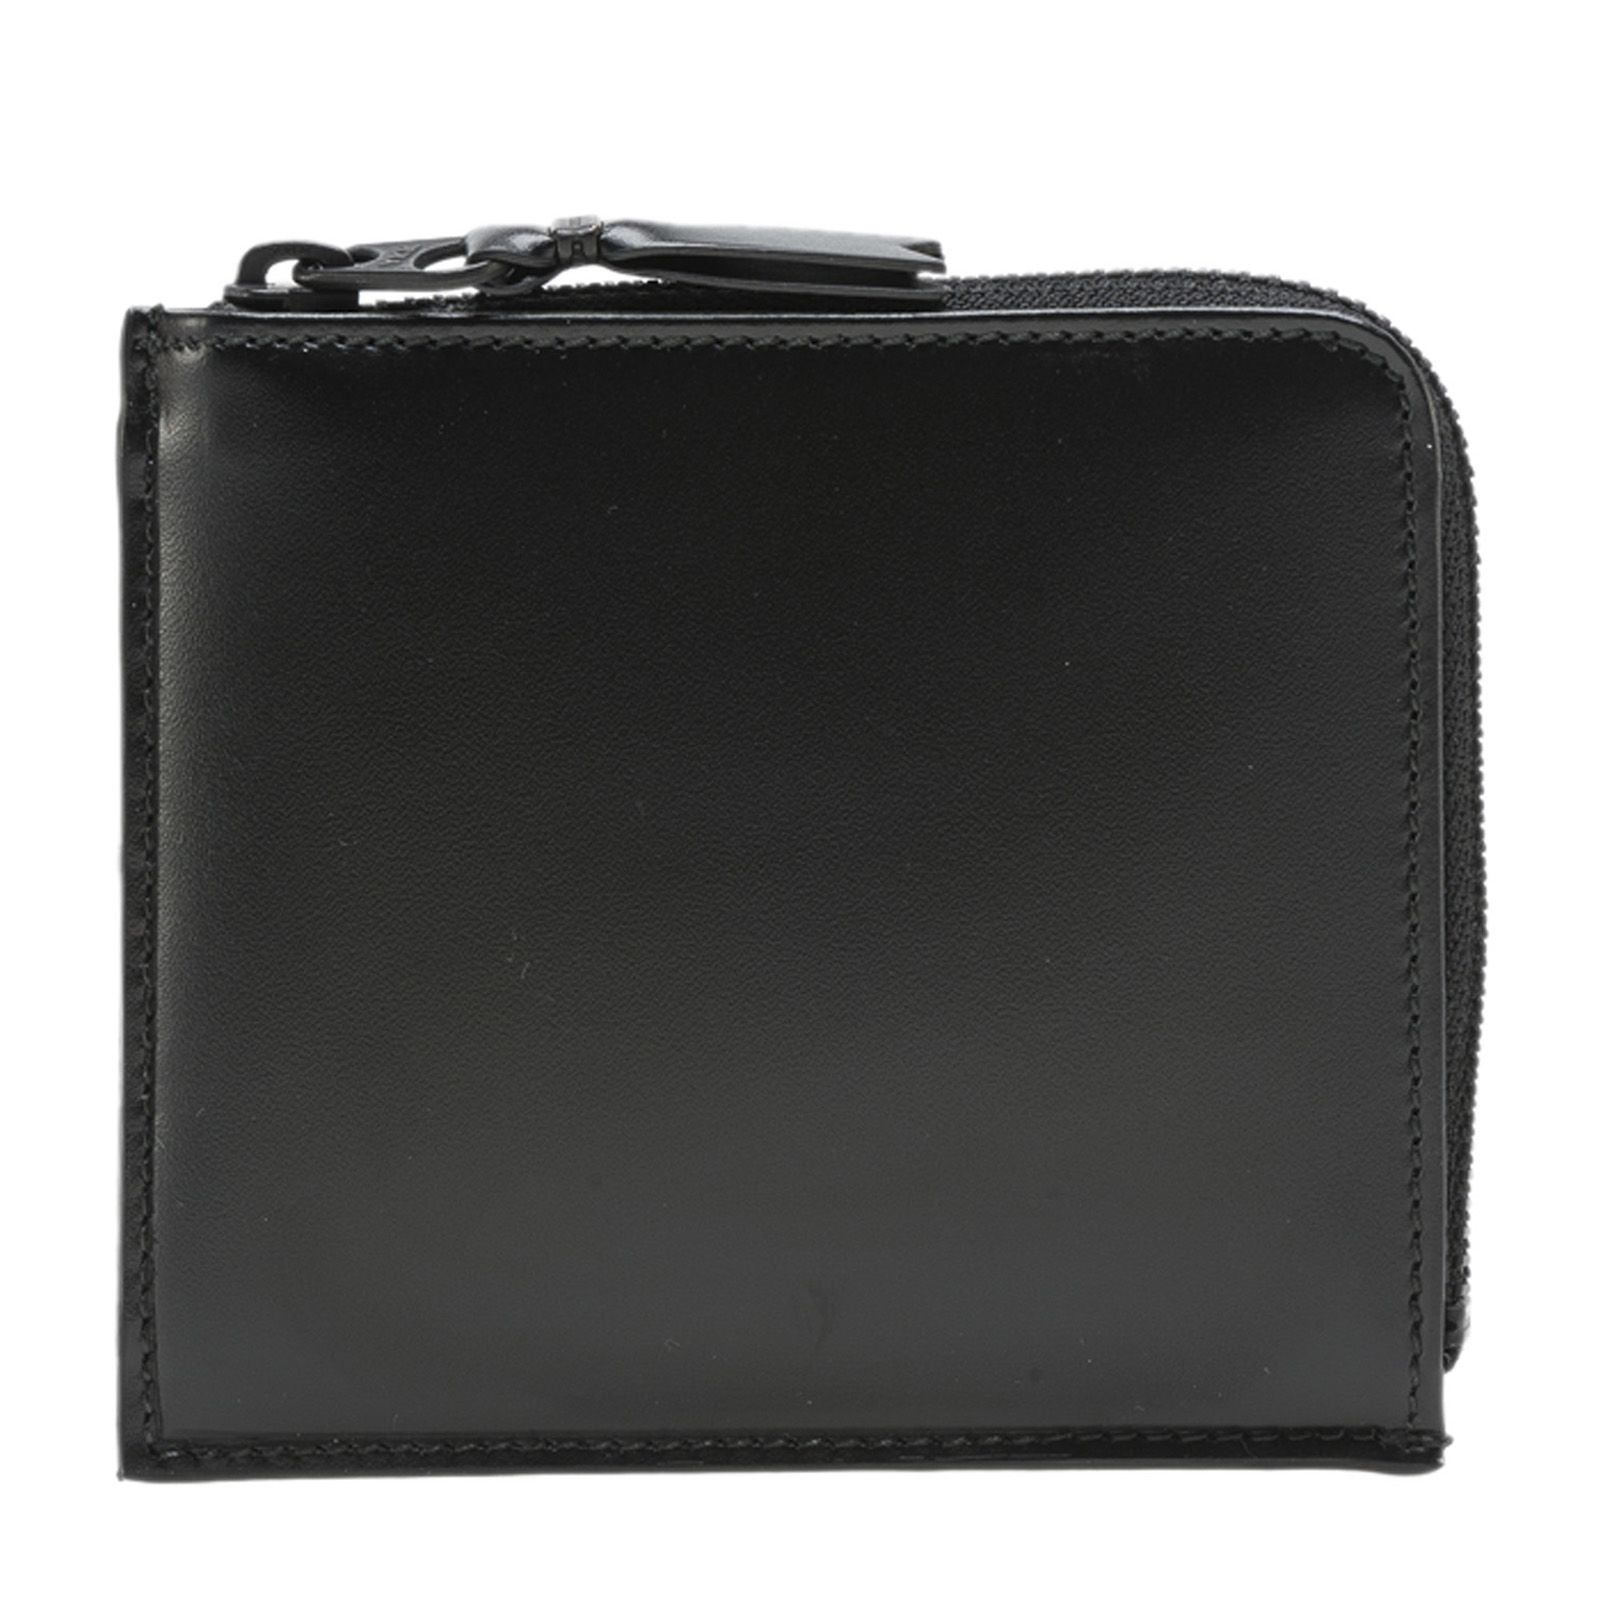 Comme Des Garçons Wallet classic Plain Purse